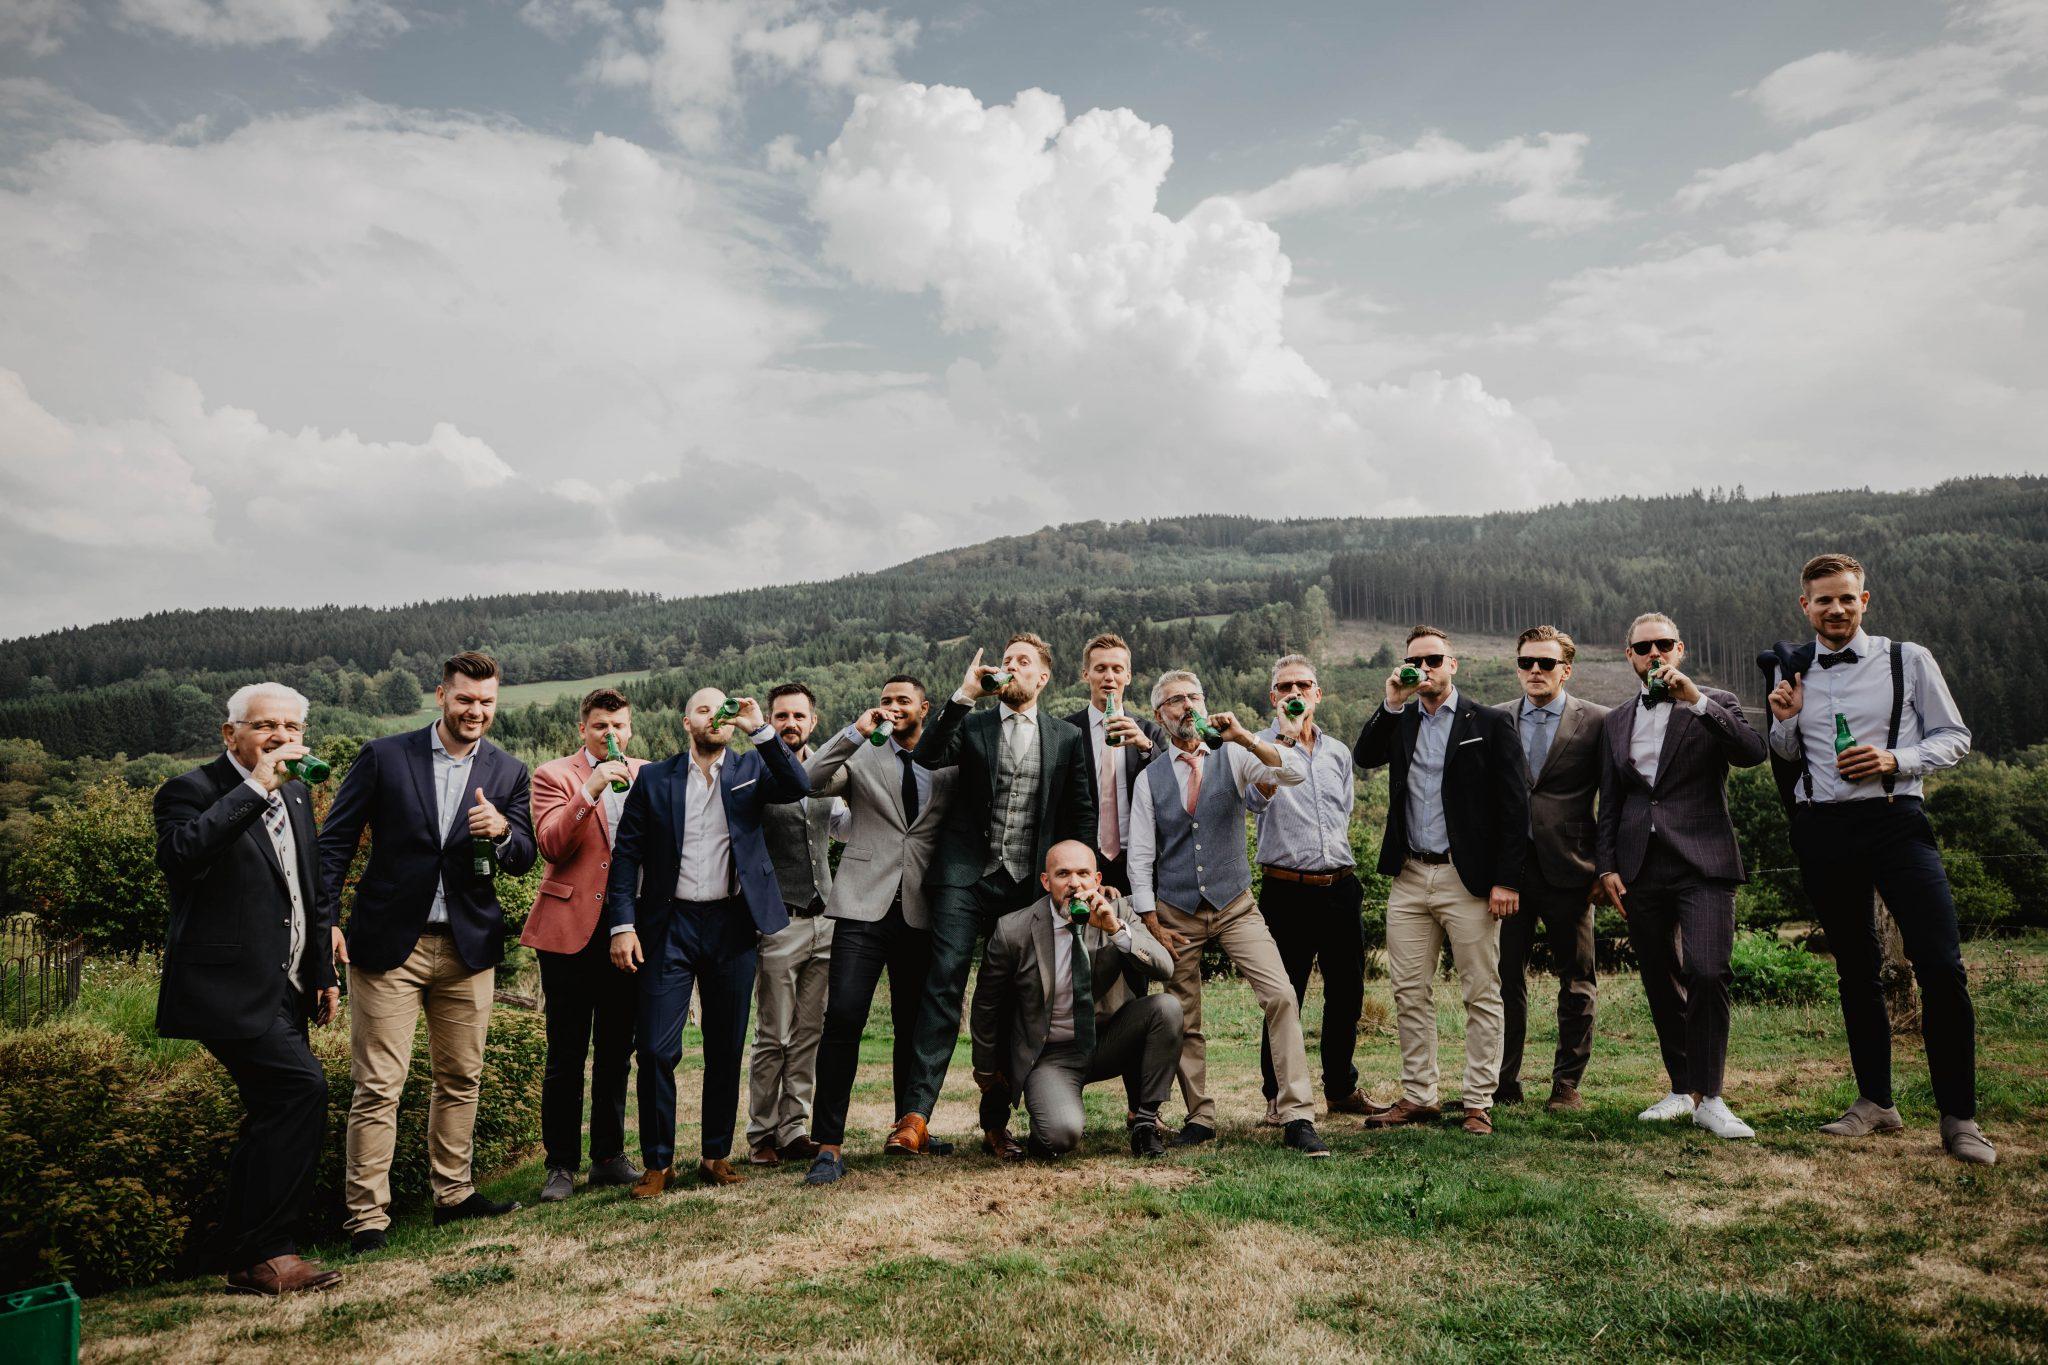 Groepsfoto mannen bruiloft